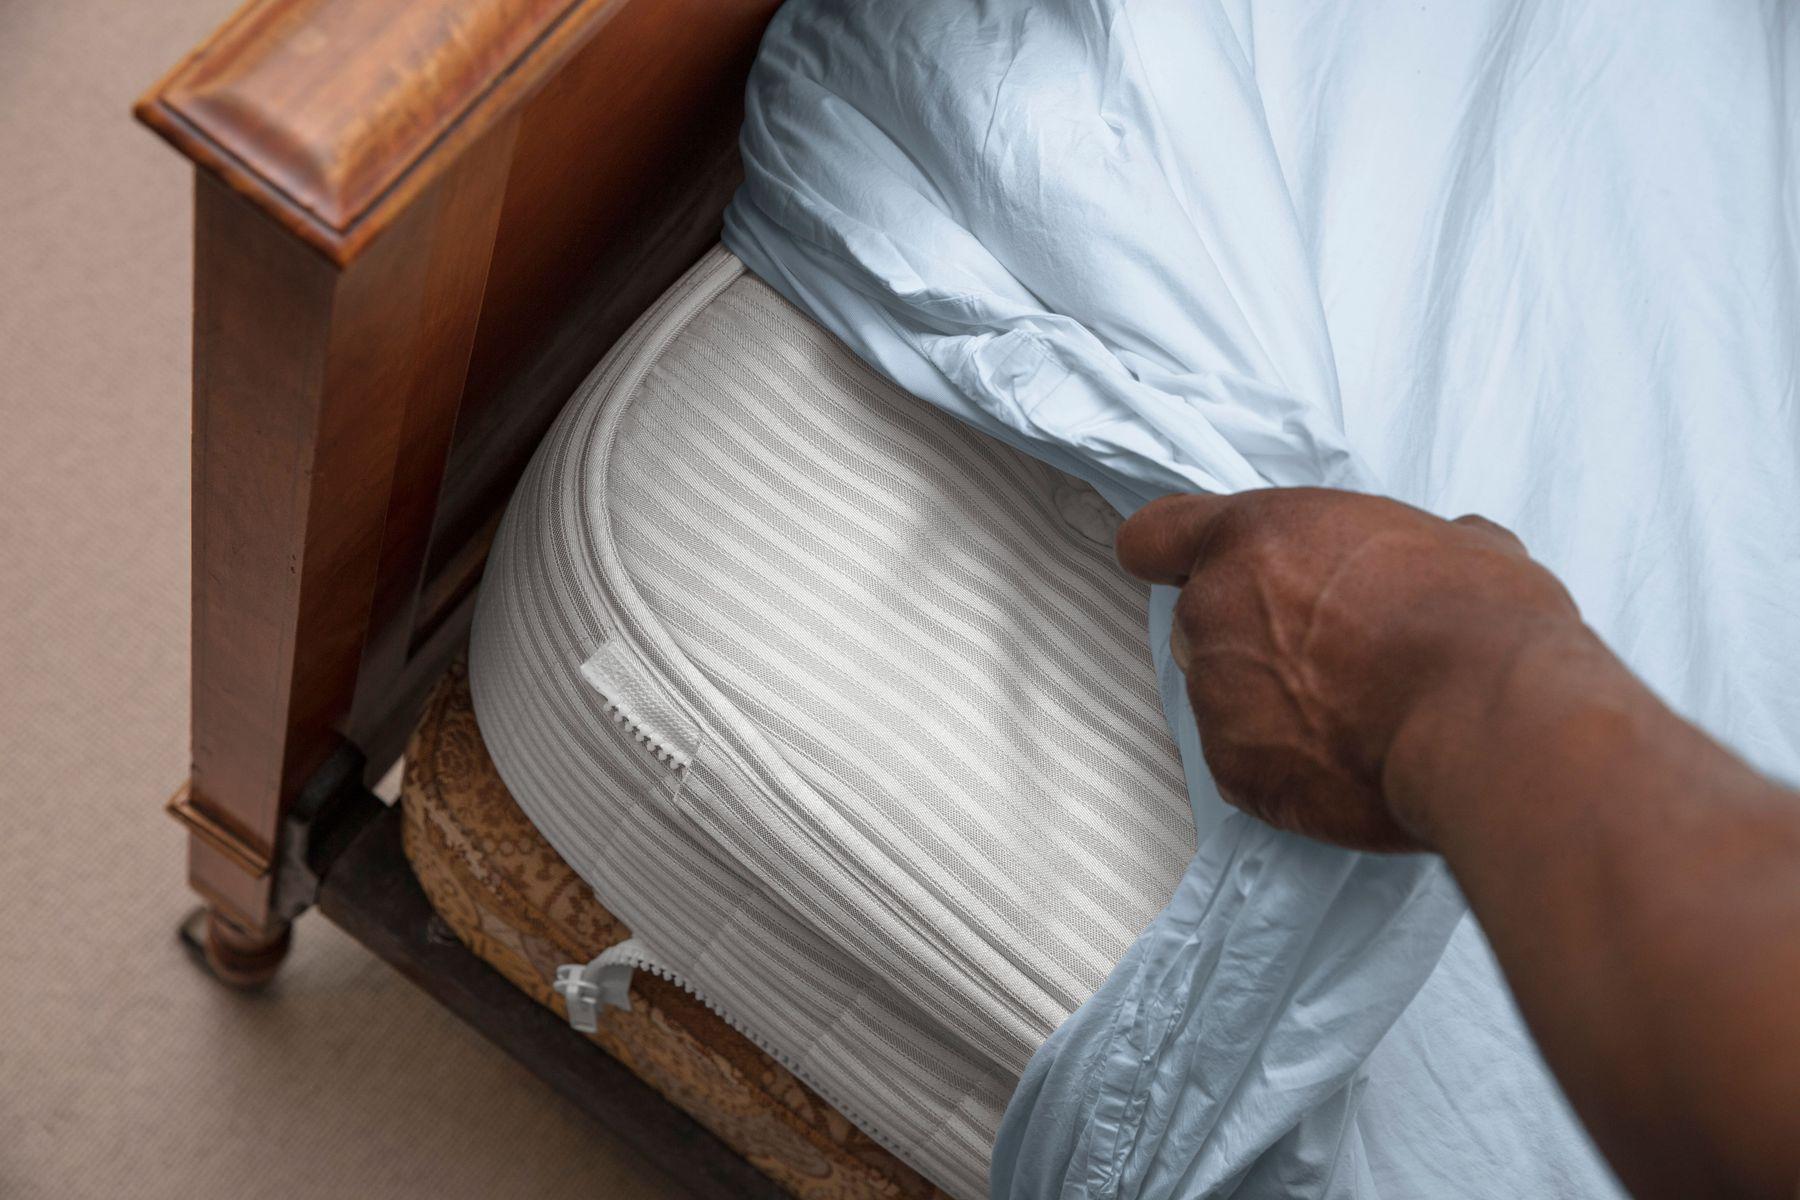 Pessoa removendo o lençol do colchão da cama de madeira